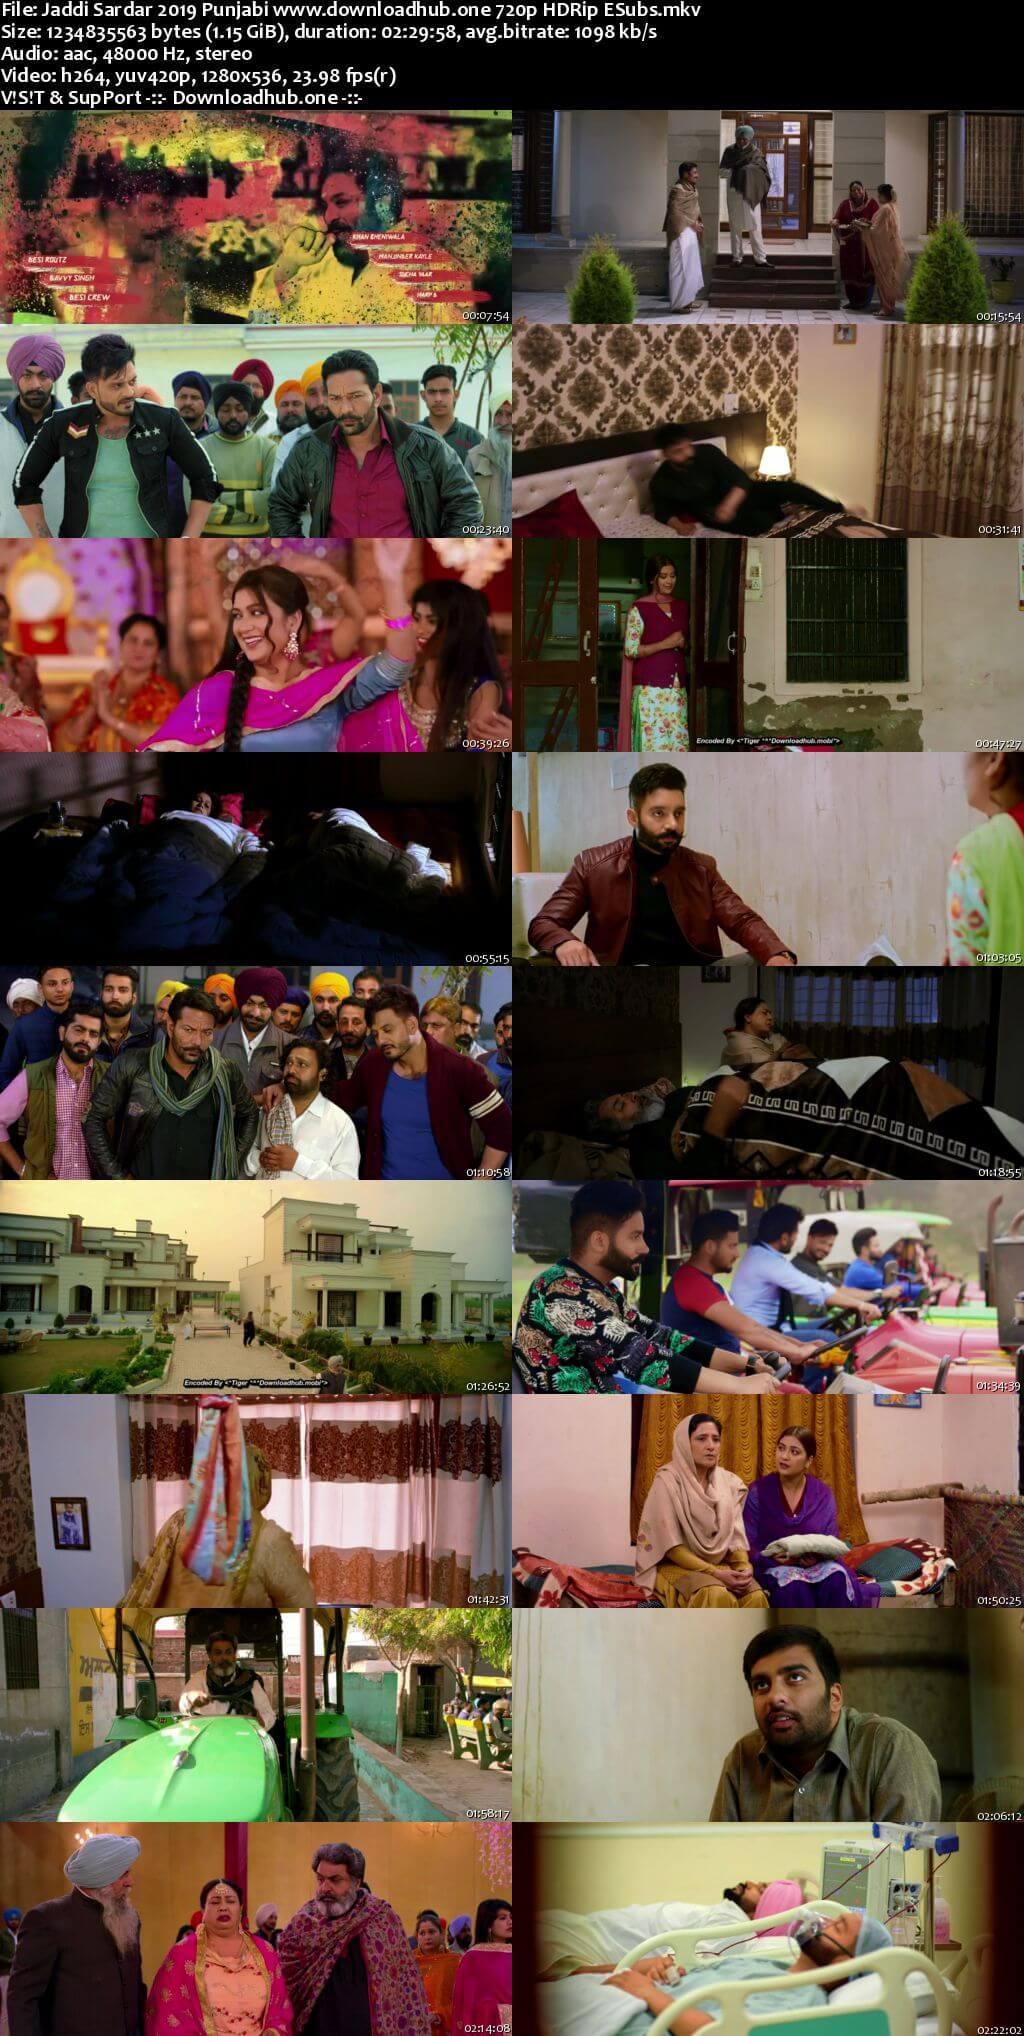 Jaddi Sardar 2019 Punjabi 720p HDRip ESubs